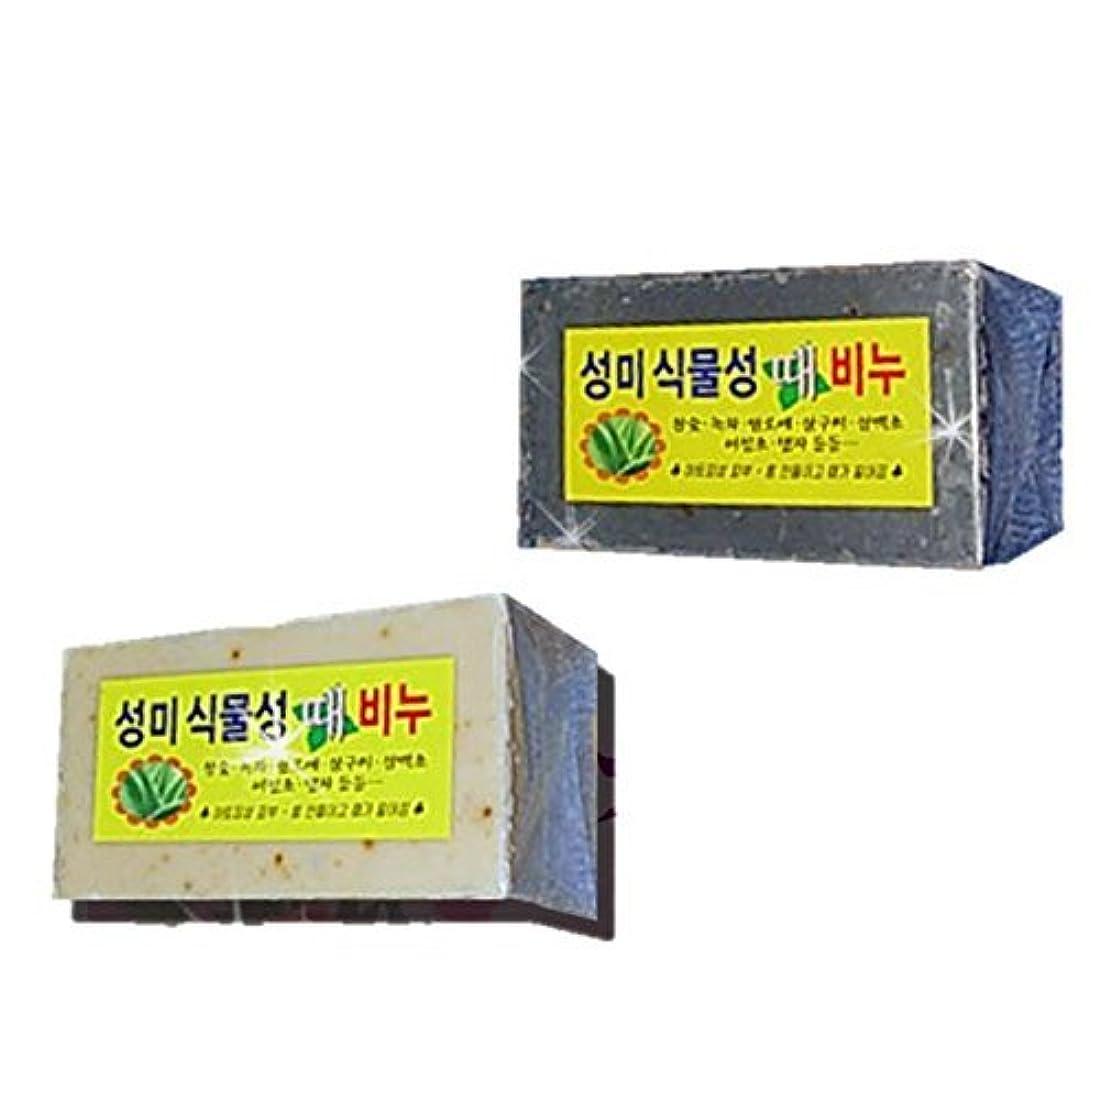 しなやかな臨検内なる(韓国ブランド) 植物性 垢すり石鹸 (10個)